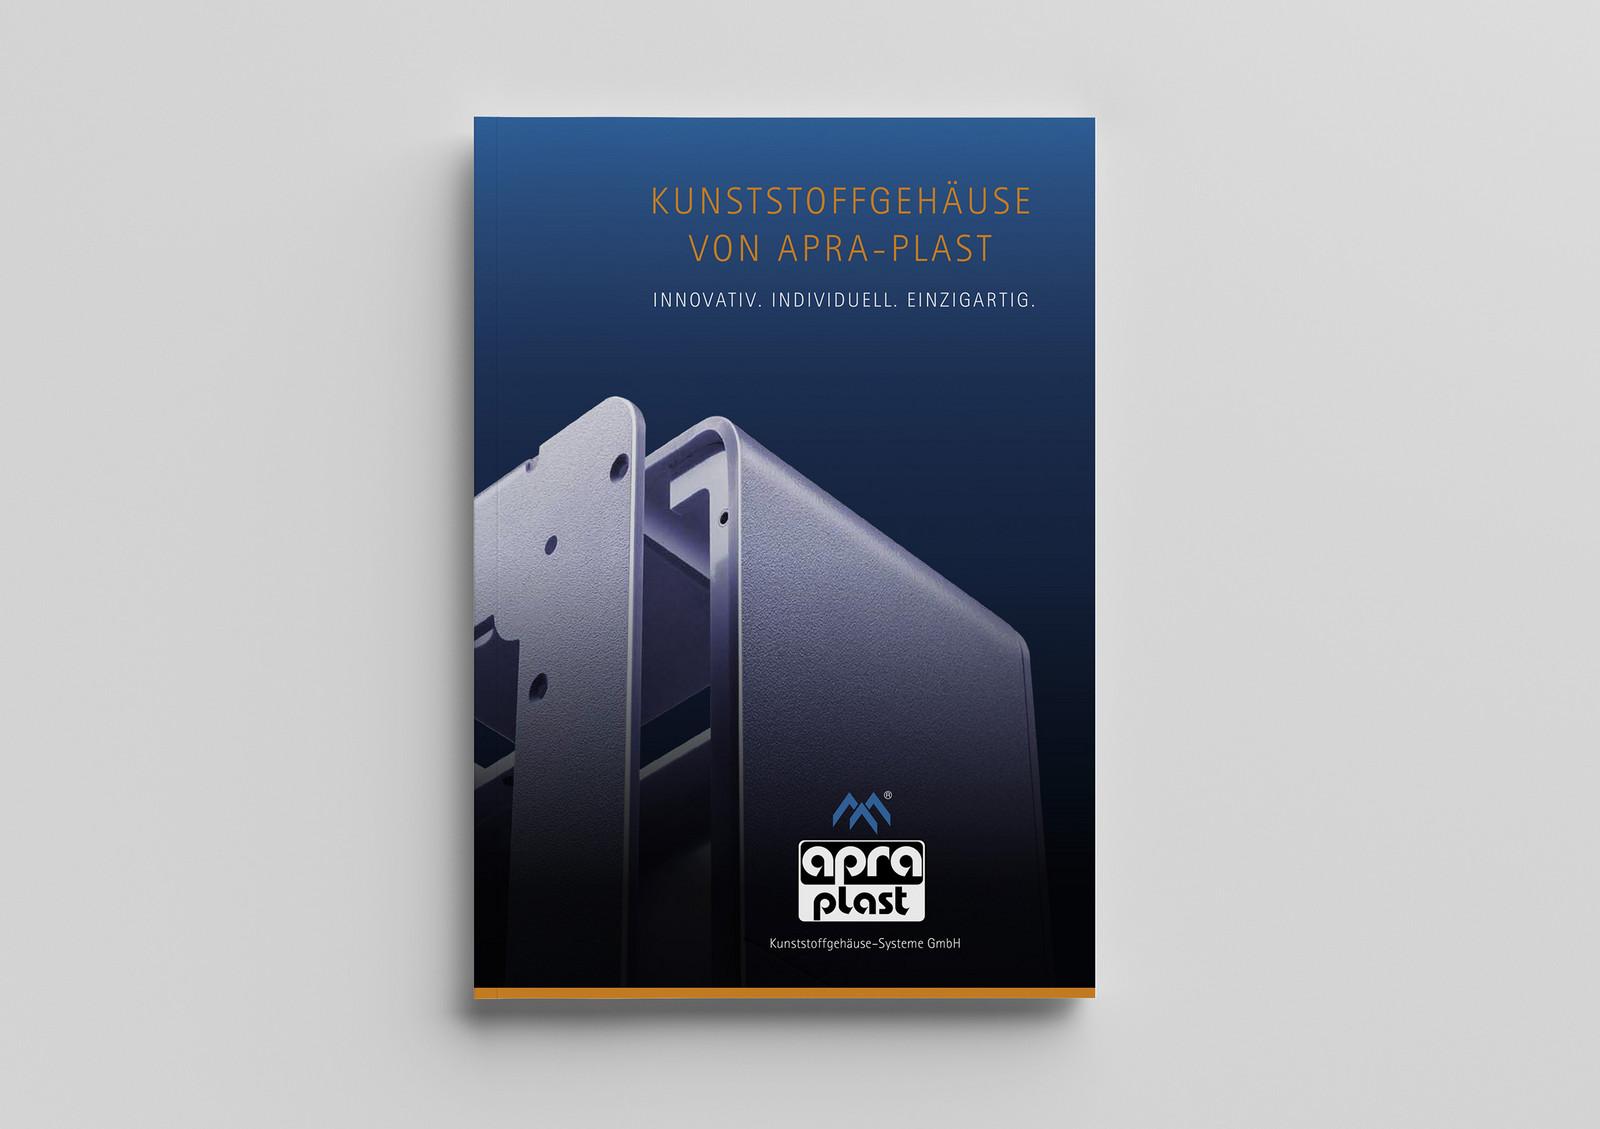 apra-plast Kunststoffgehäuse Broschüre